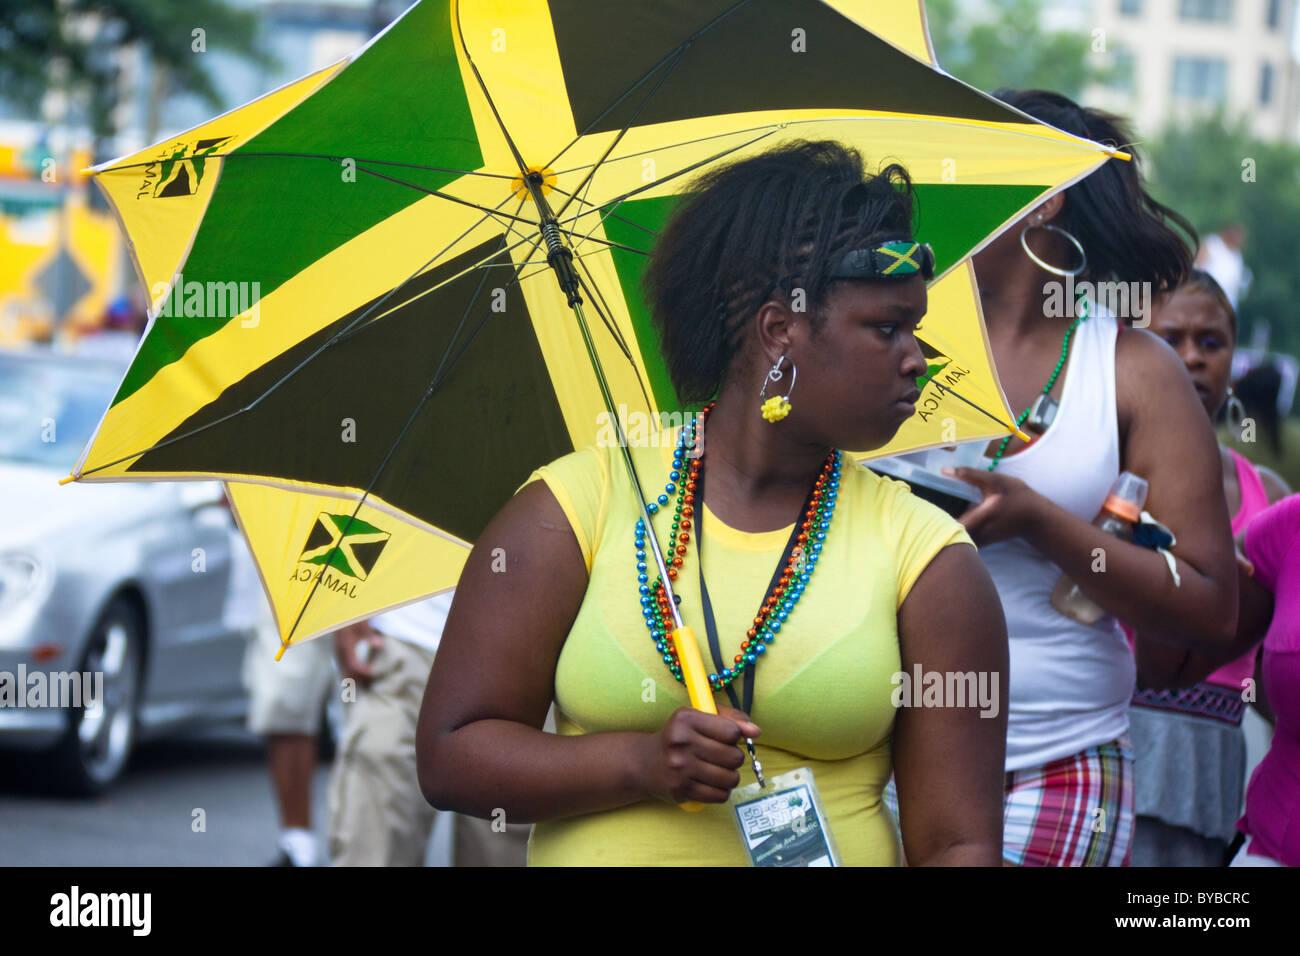 Women seeking men in jamaica